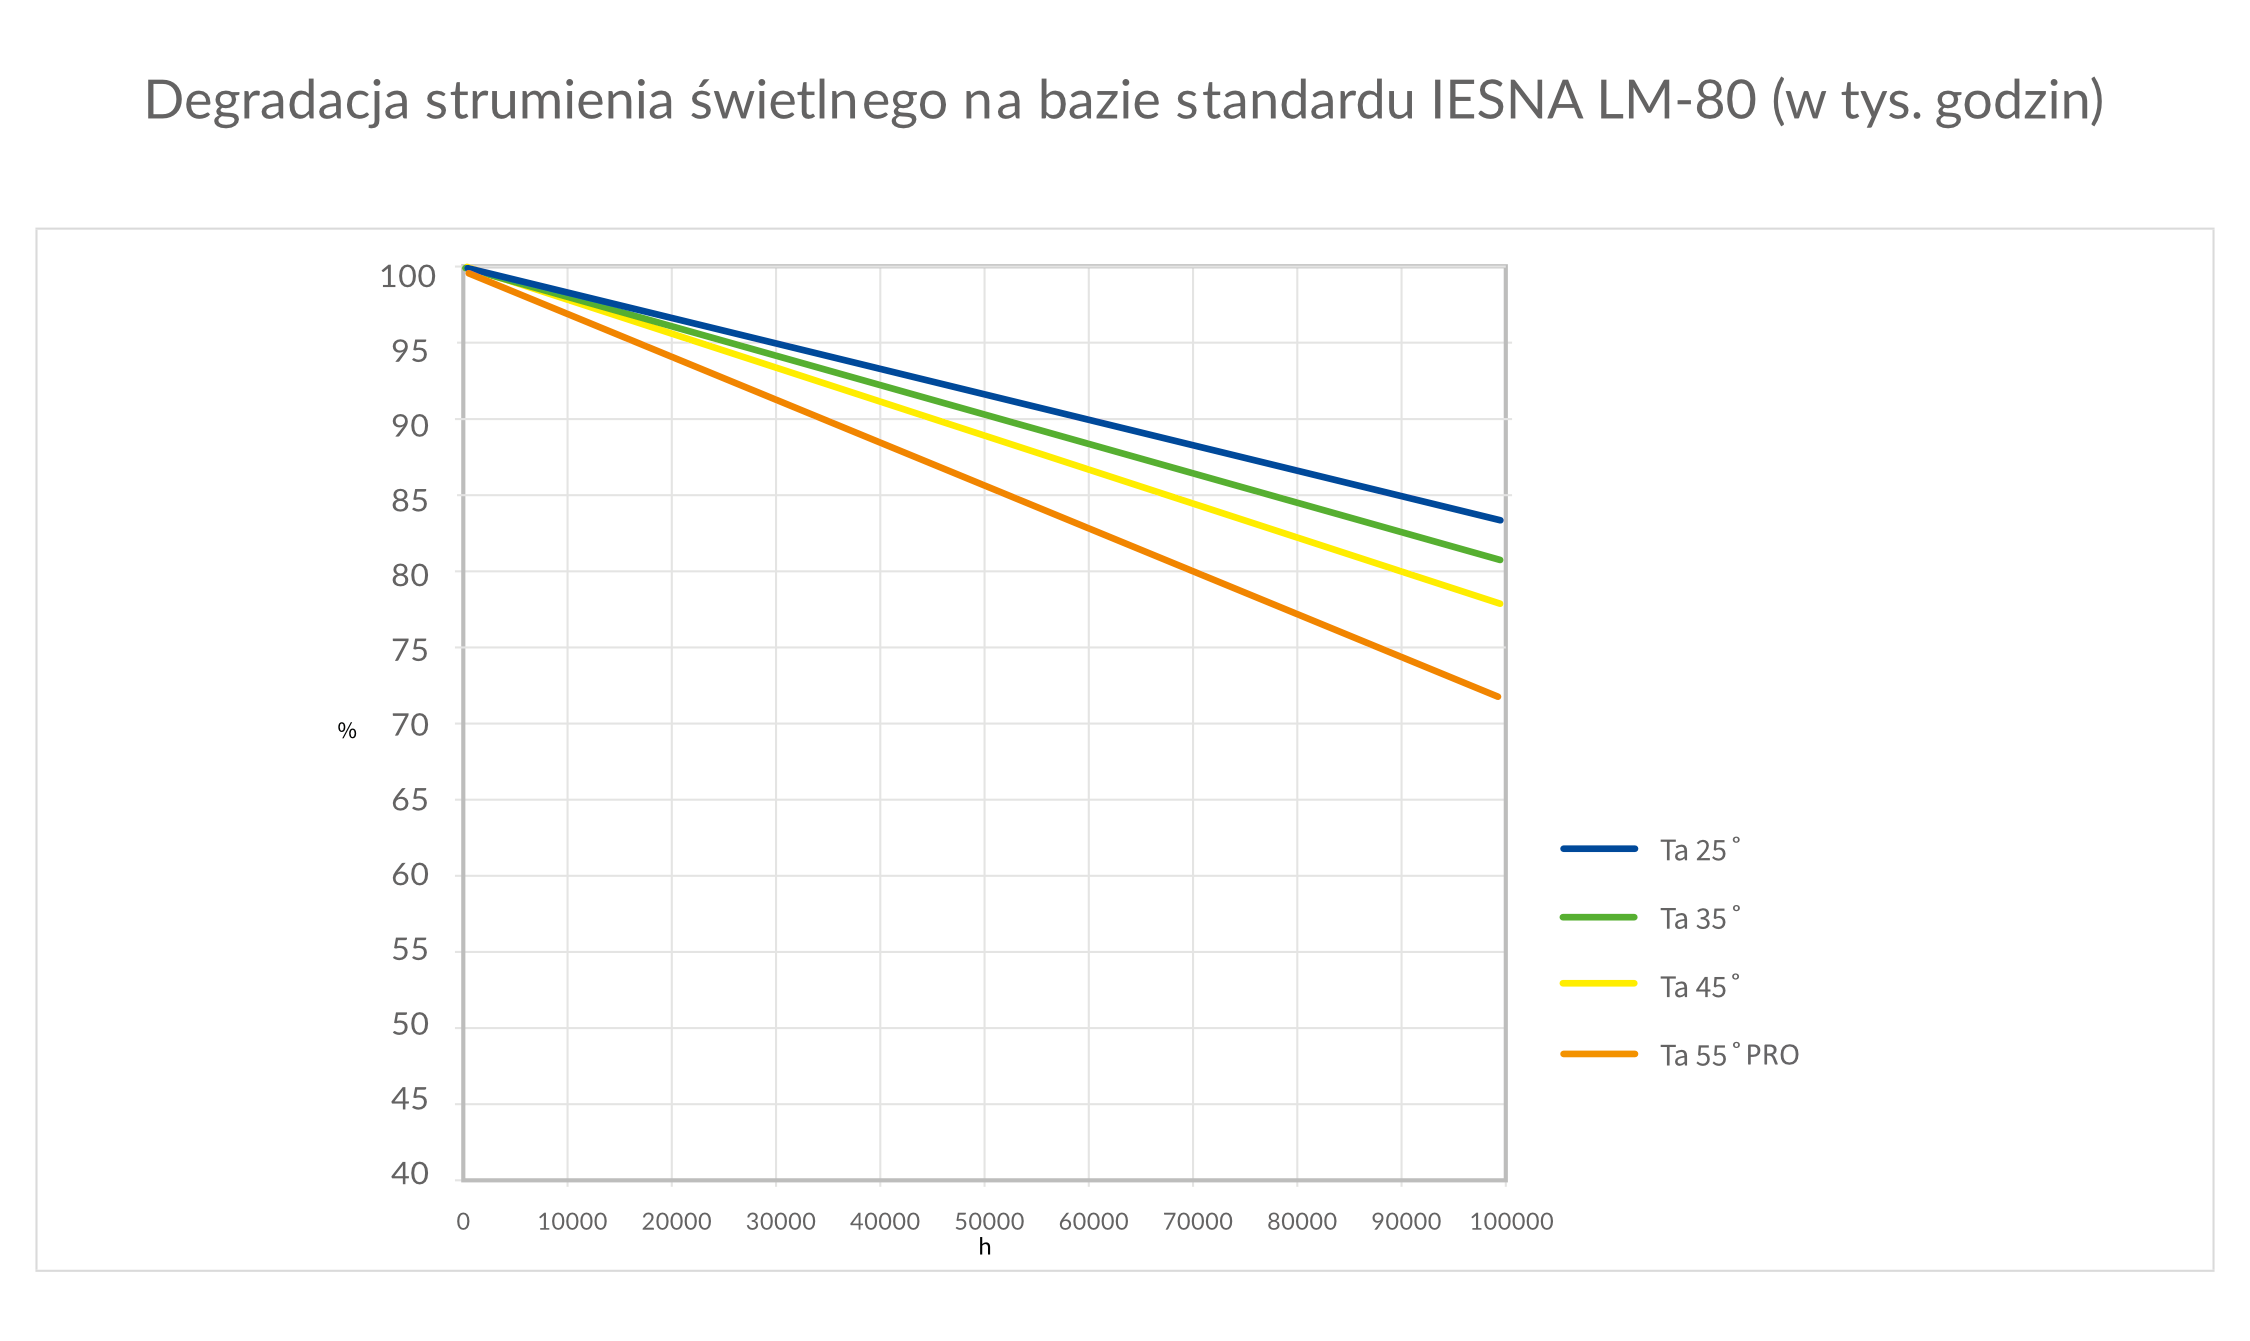 Wykres Degradacja struminenia świetlnego LM-80 PL - Luxon LED